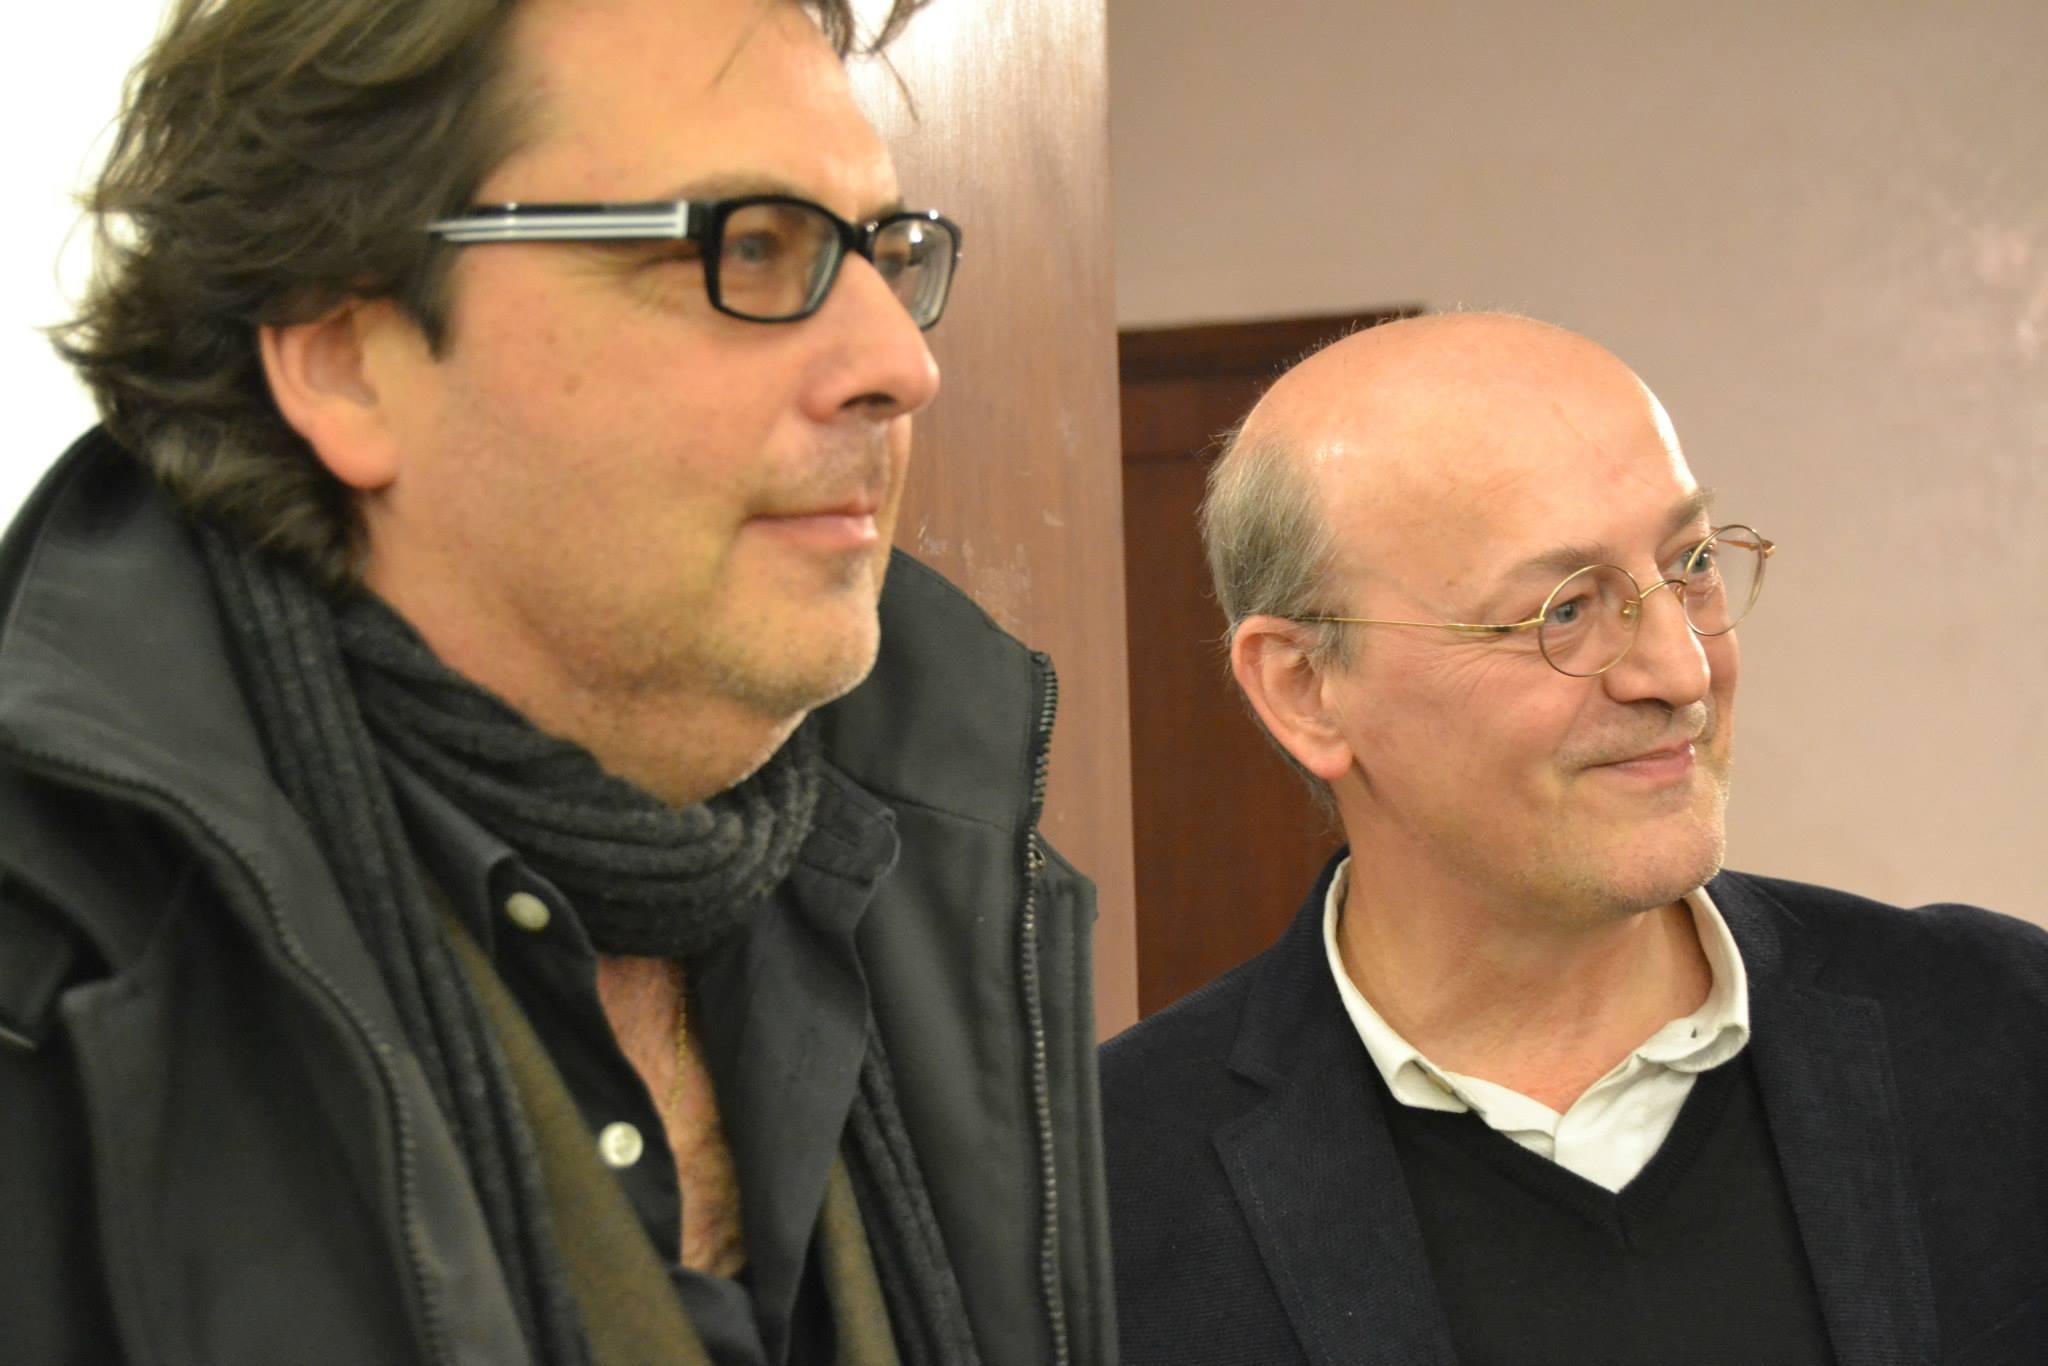 Pasquale Di Palmo e marco Munaro